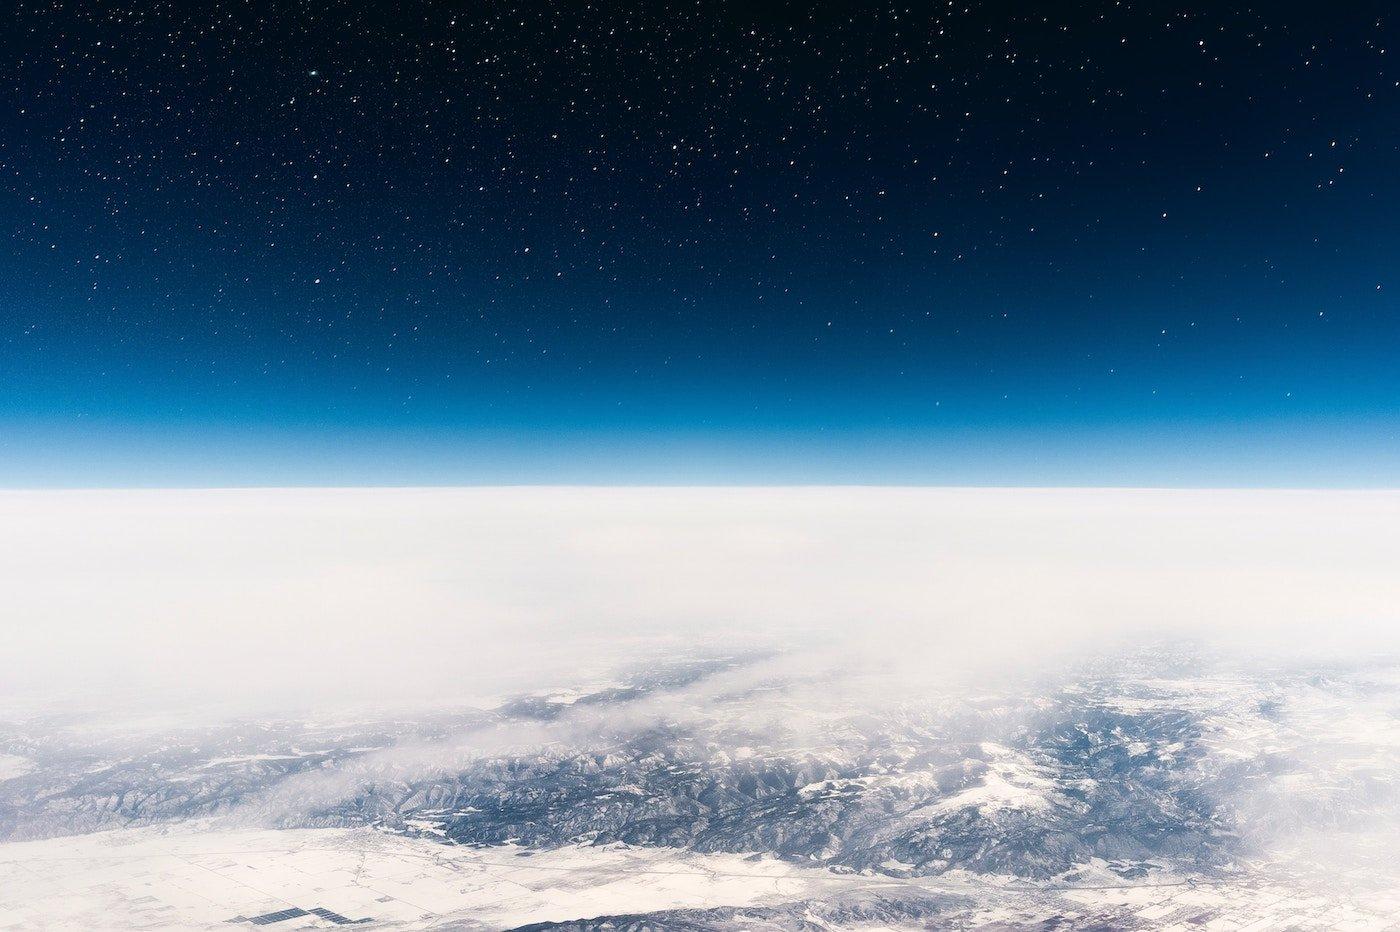 La couche d'ozone va bien mieux selon la NASA, mais c'est alertant